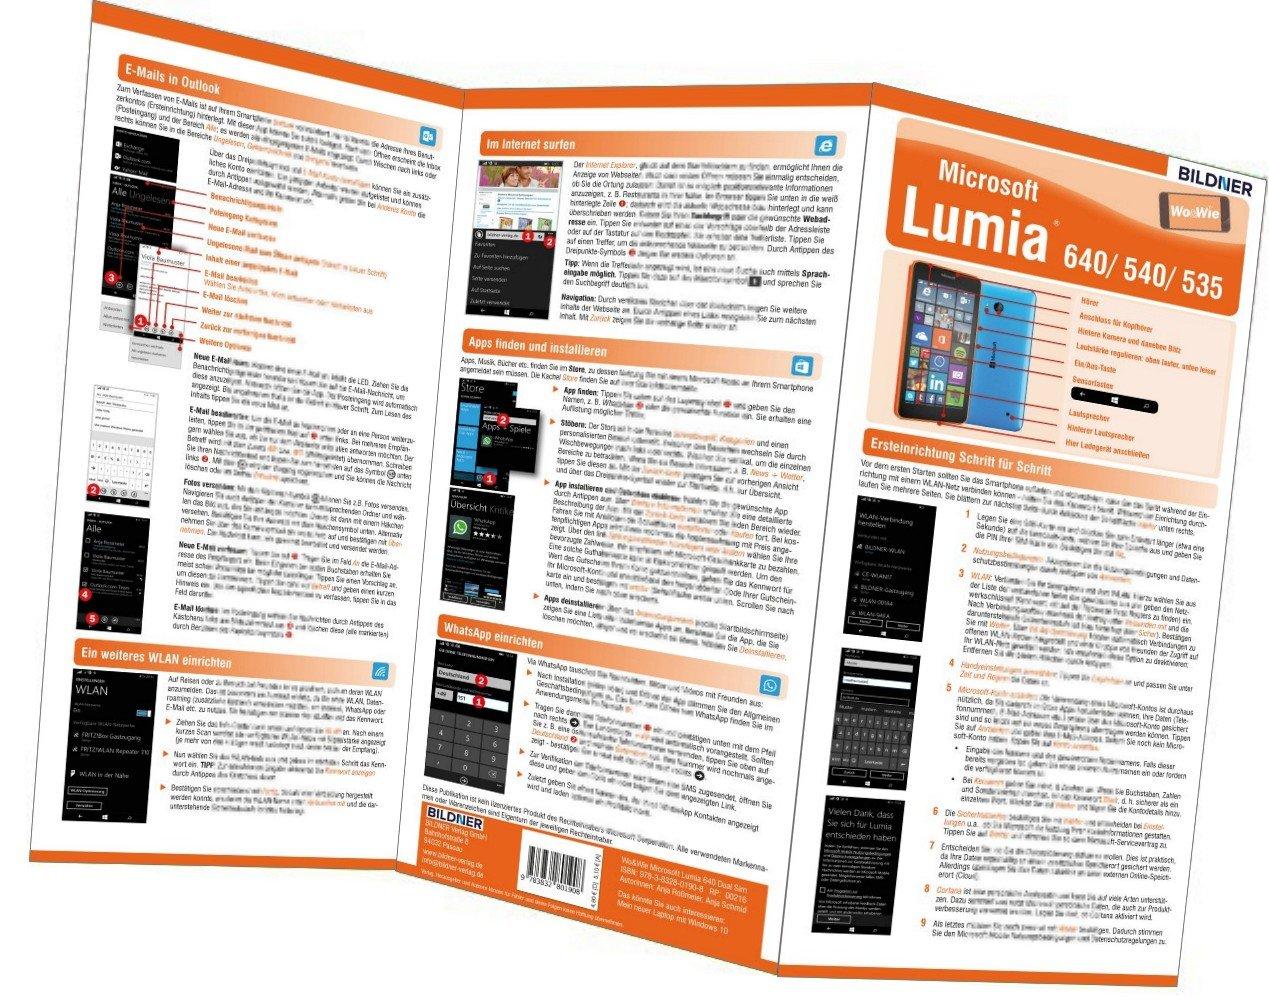 Microsoft Lumia 640 Bedienungsanleitung Download